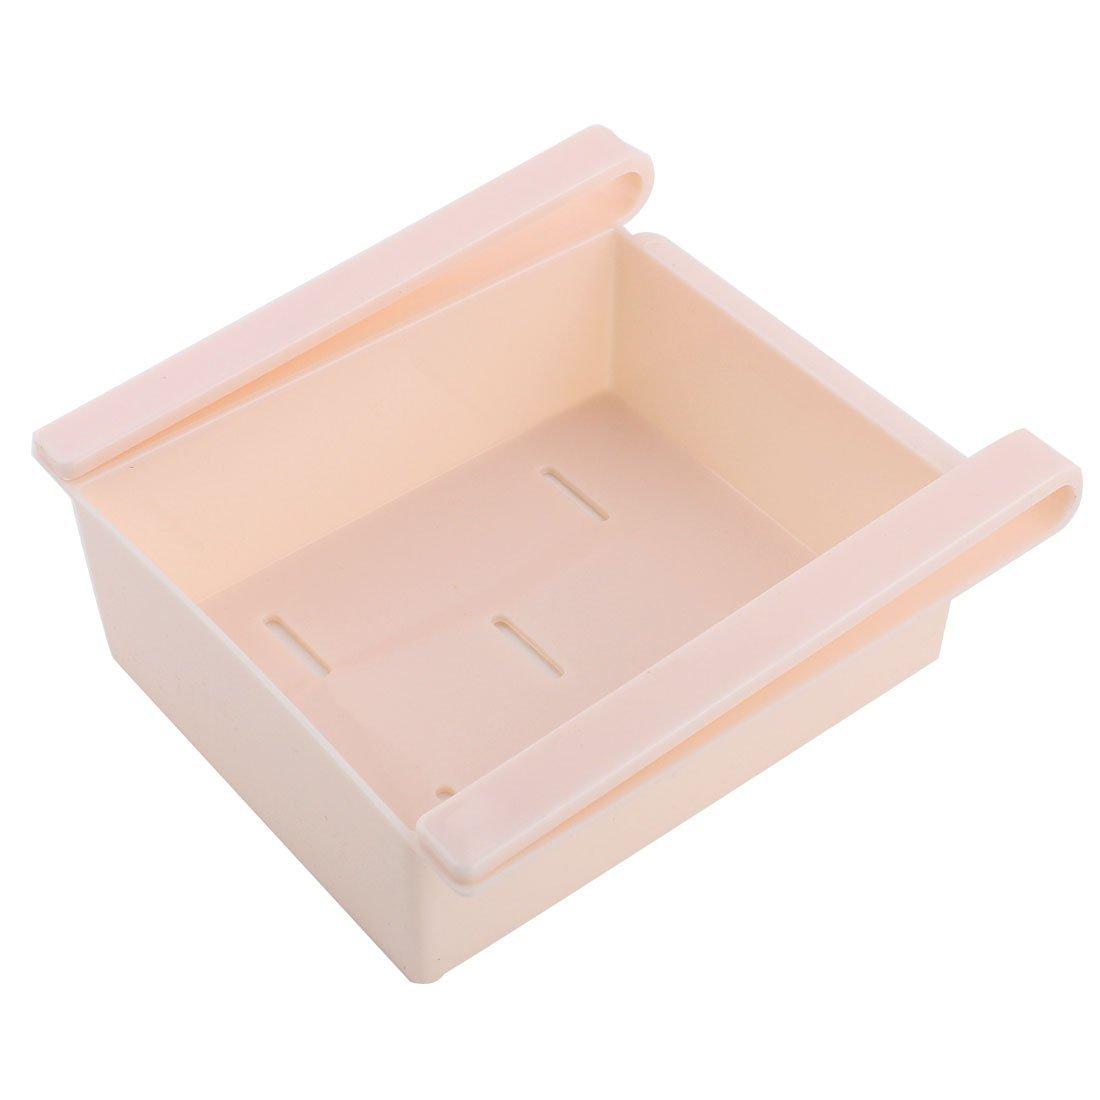 Amazon.com: DealMux plástico Frigorífico Frigorífico Congelador Gaveta Bandeja Ice Dish armazenamento Rosa Organizer: Kitchen & Dining